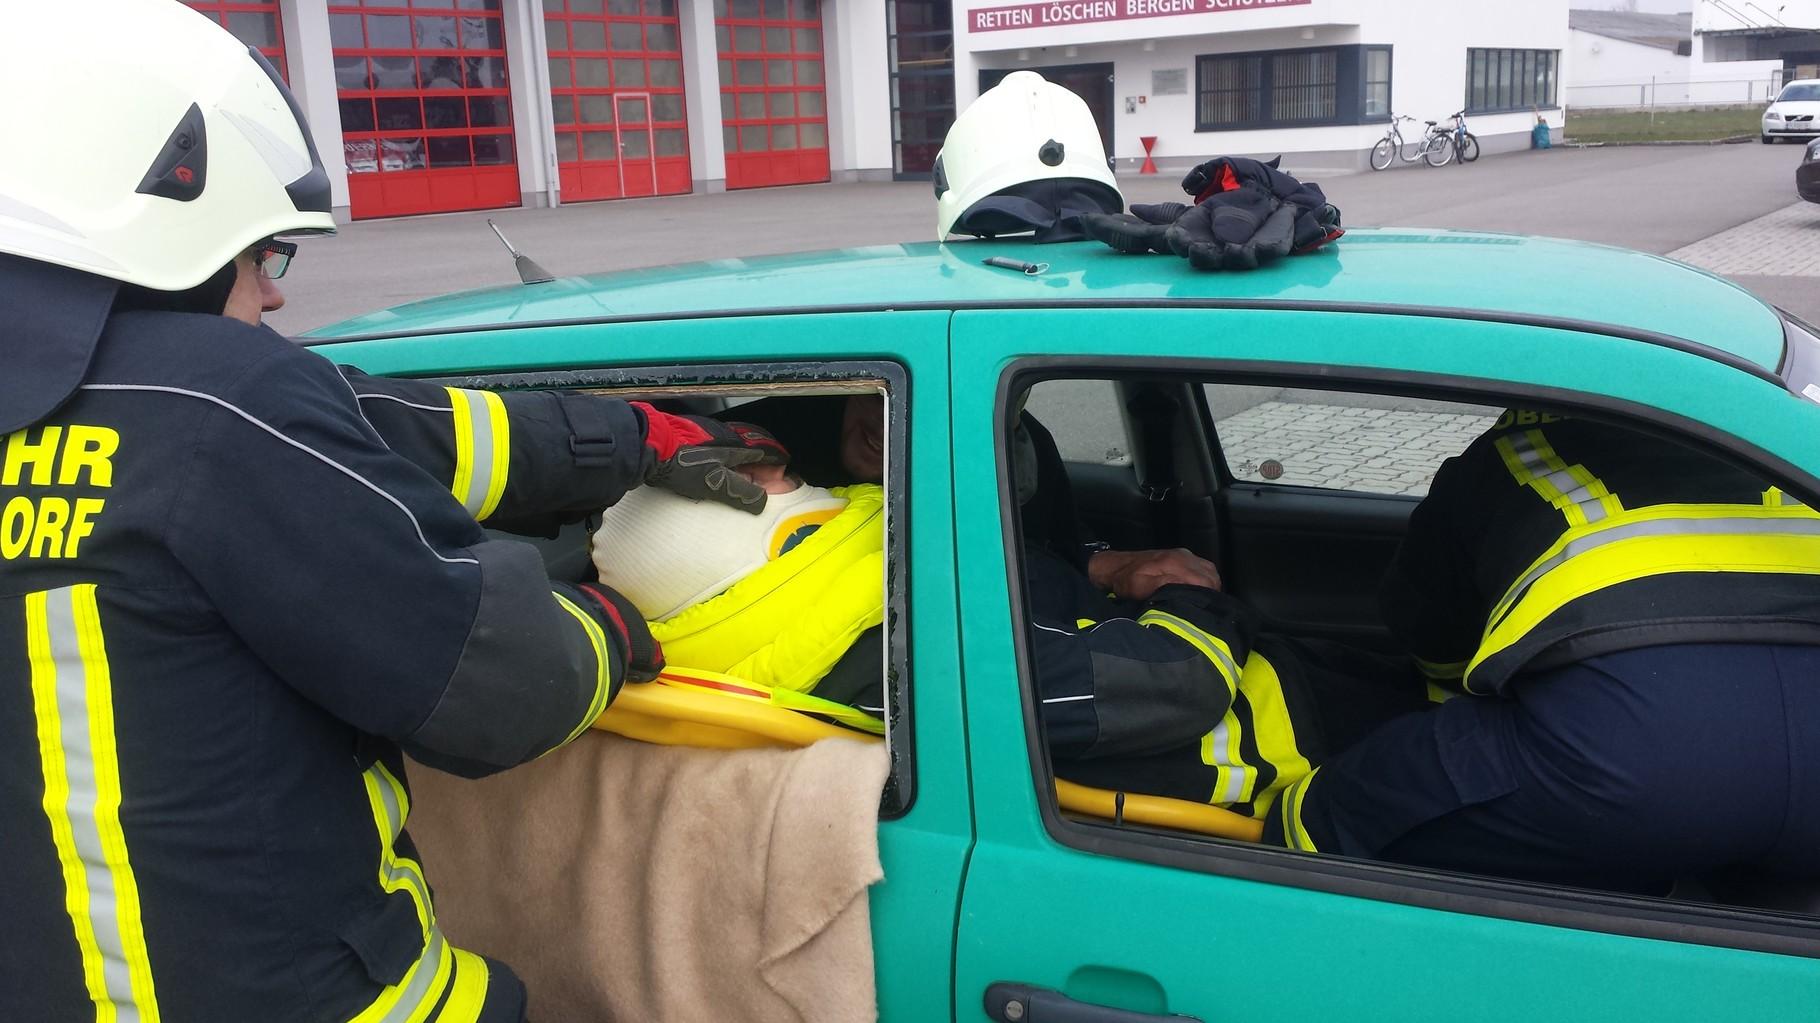 Menschenrettung aus dem Seitenfenster im Fahrzeugfond